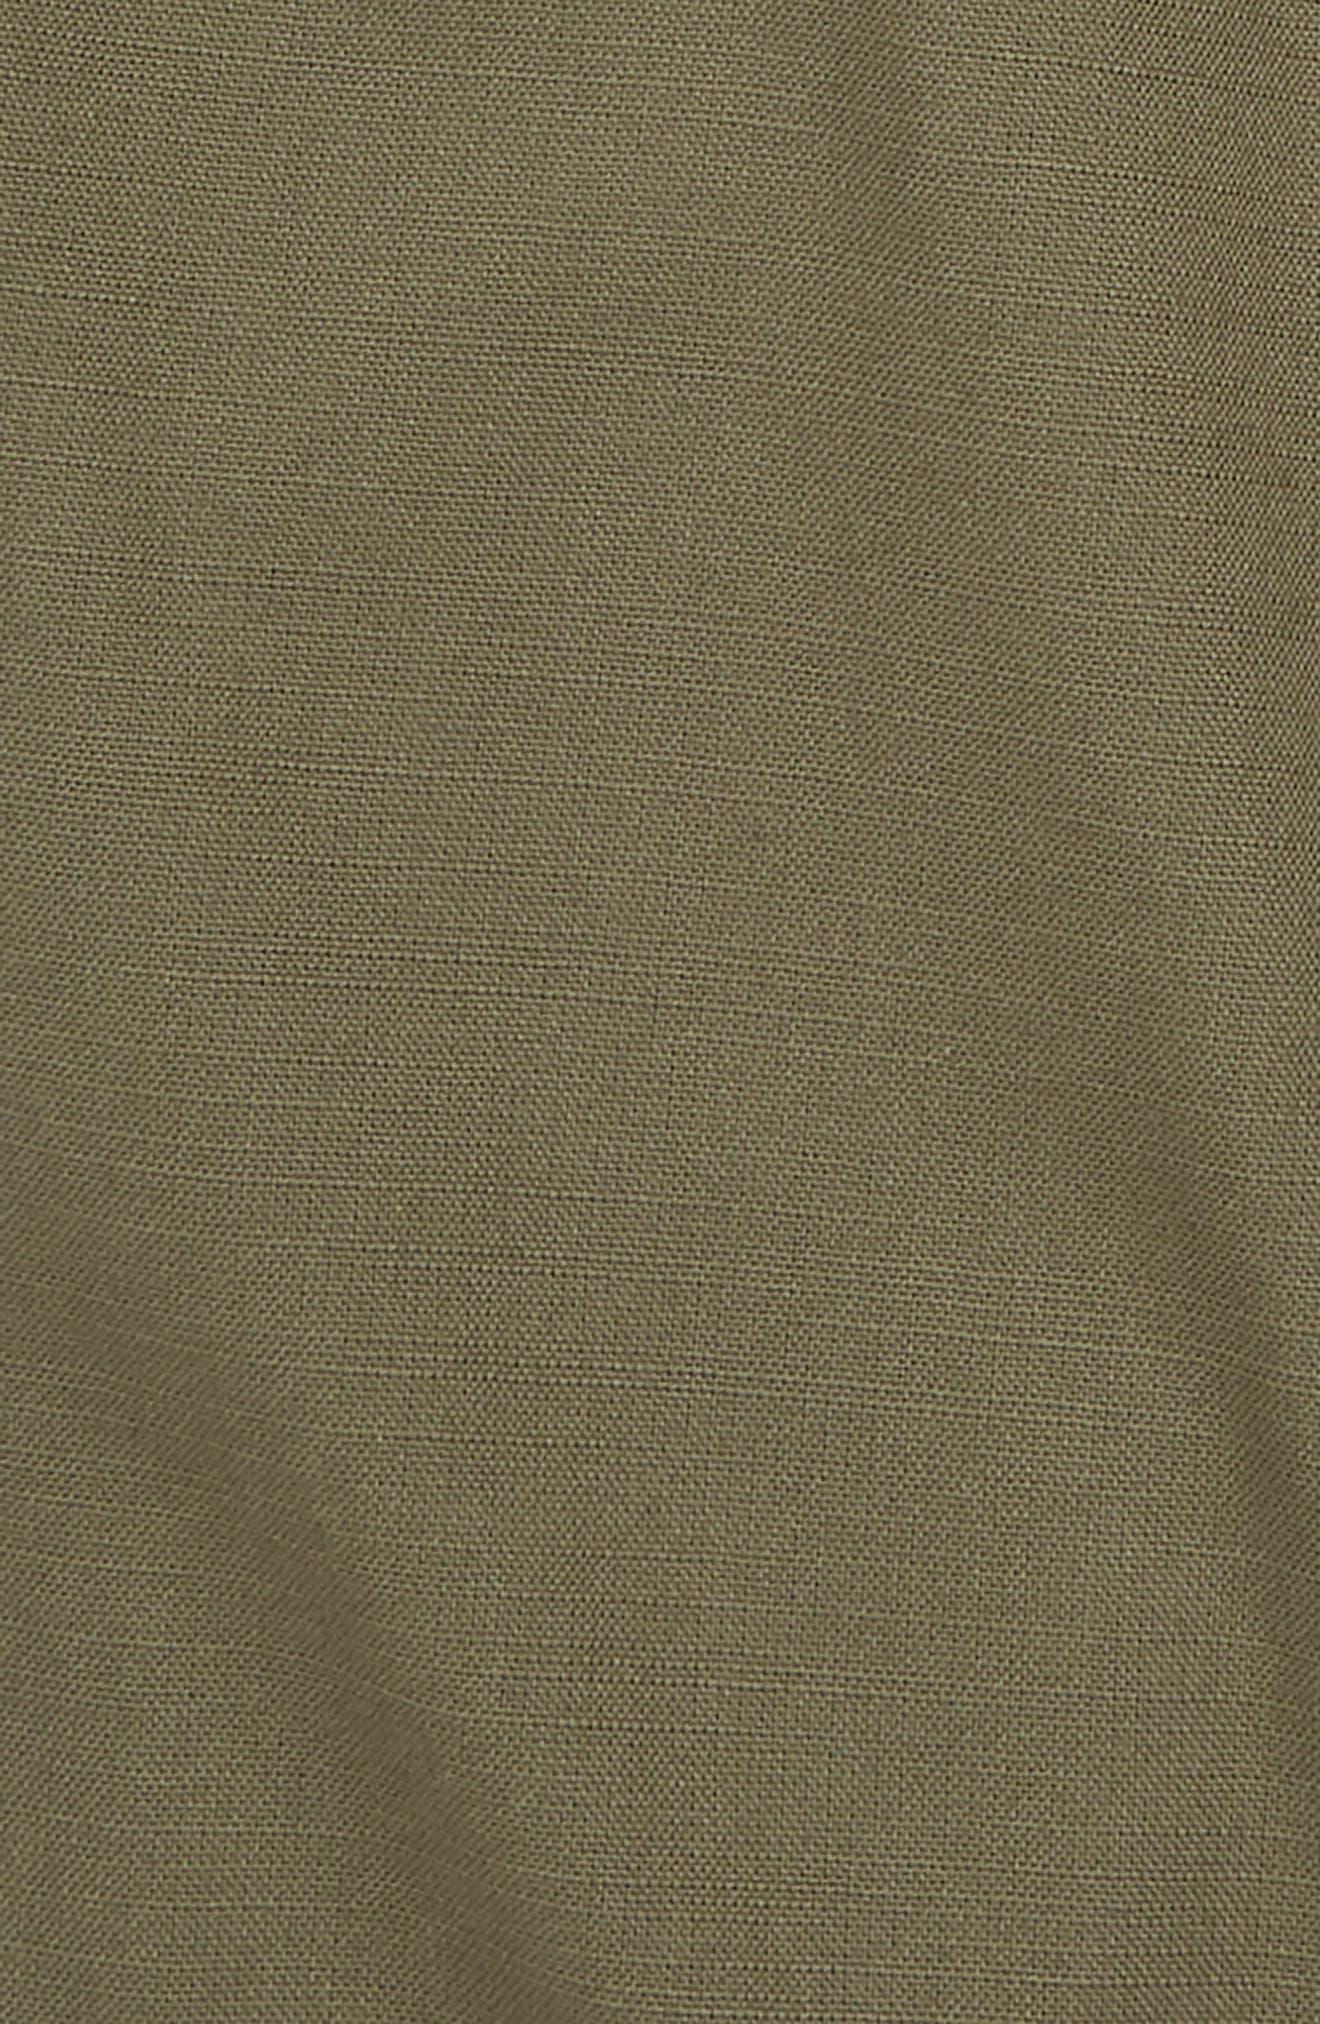 Colorblock Shorts,                             Alternate thumbnail 2, color,                             Khaki Green